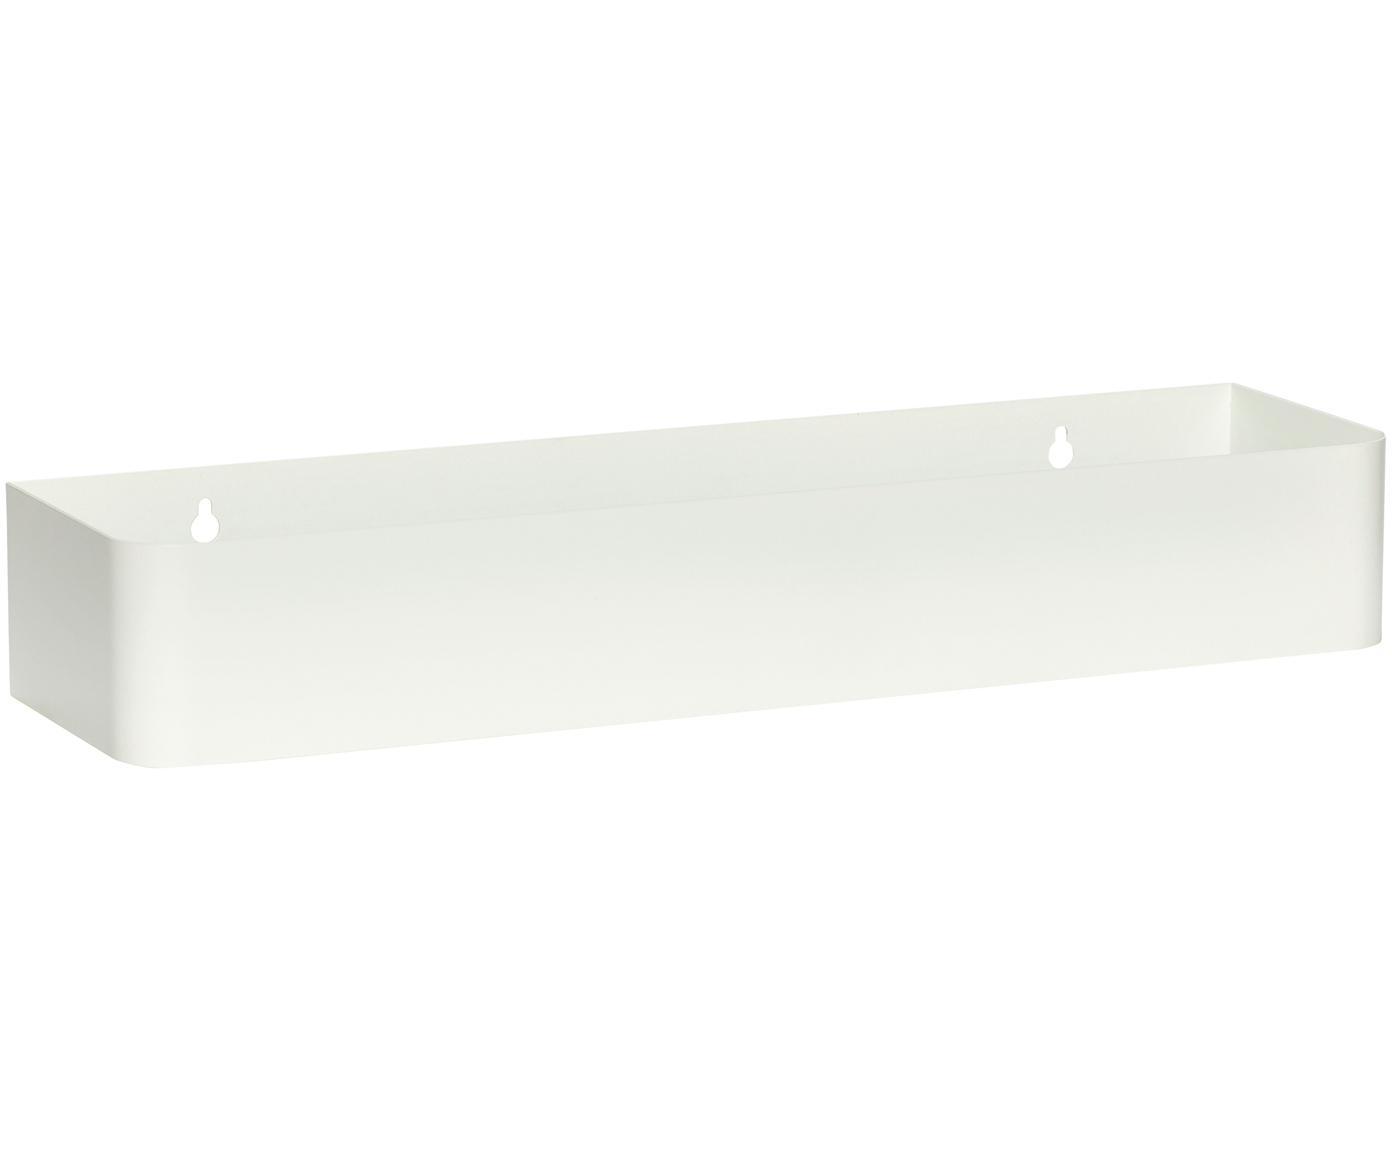 Kleine wandplank Shelf van metaal, Gecoat metaal, Wit, B 45 cm